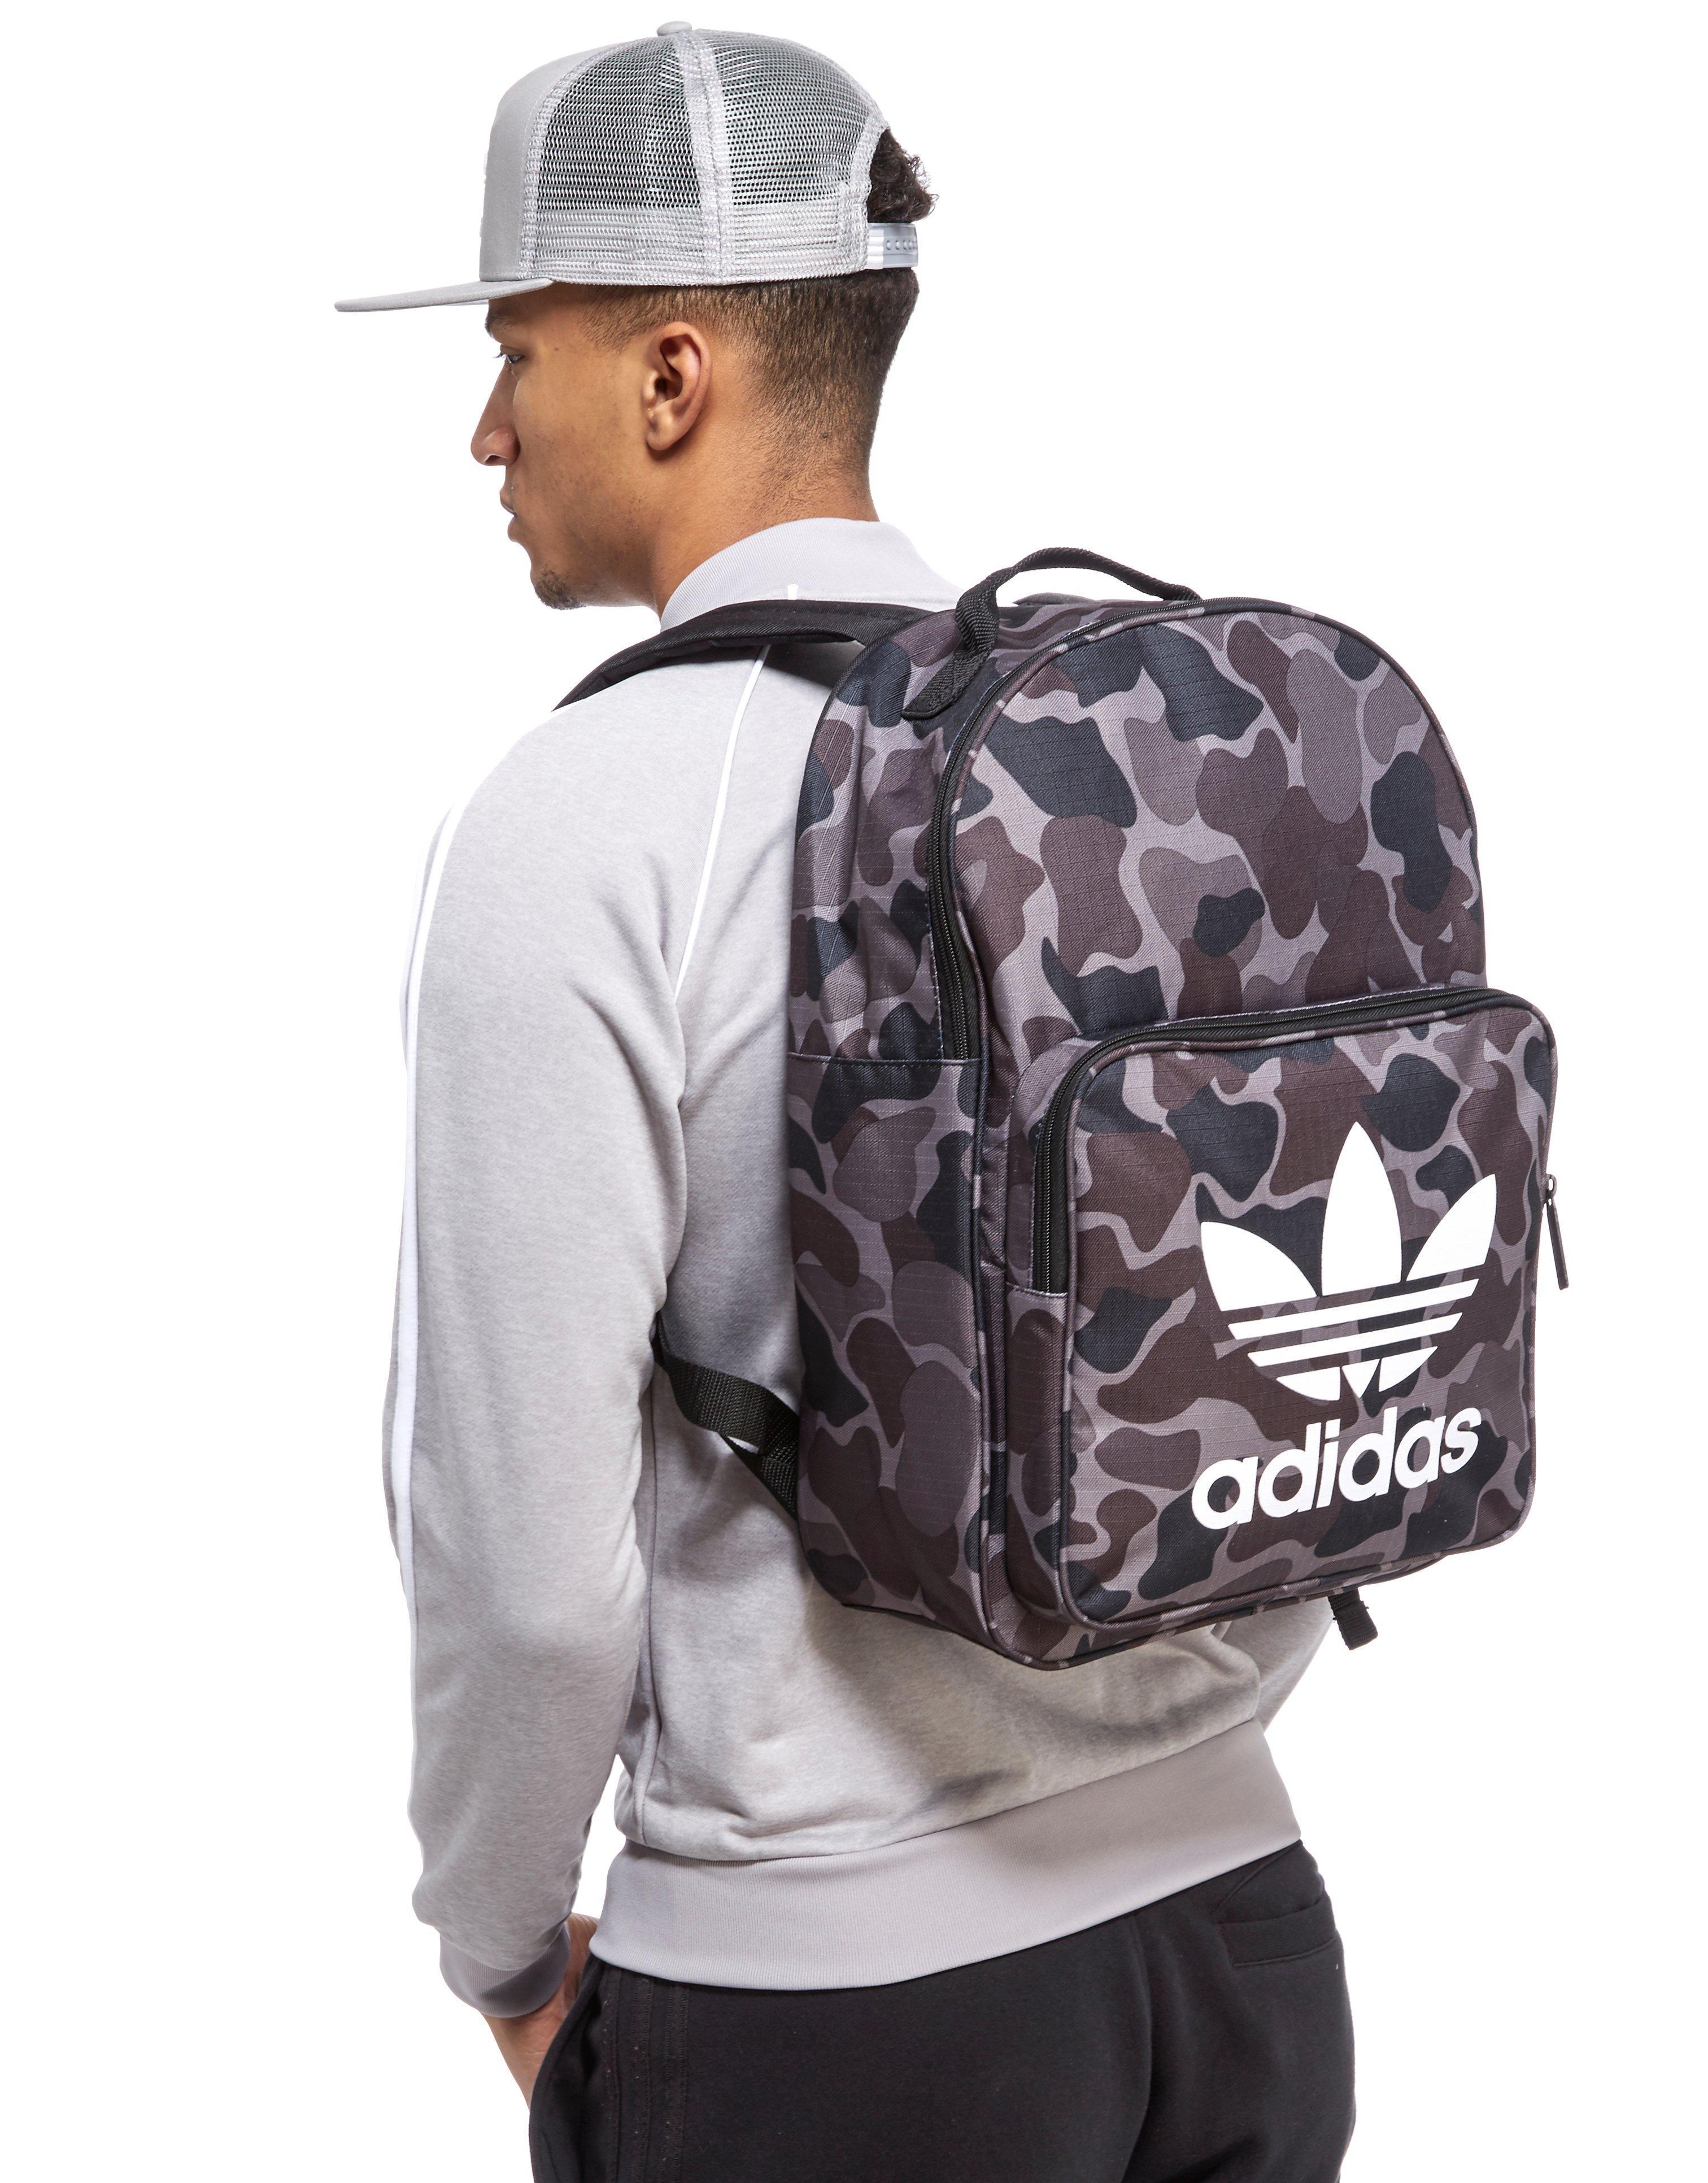 adidas Originals Classic Camo Backpack in Black for Men - Lyst e6fa3d8b85596